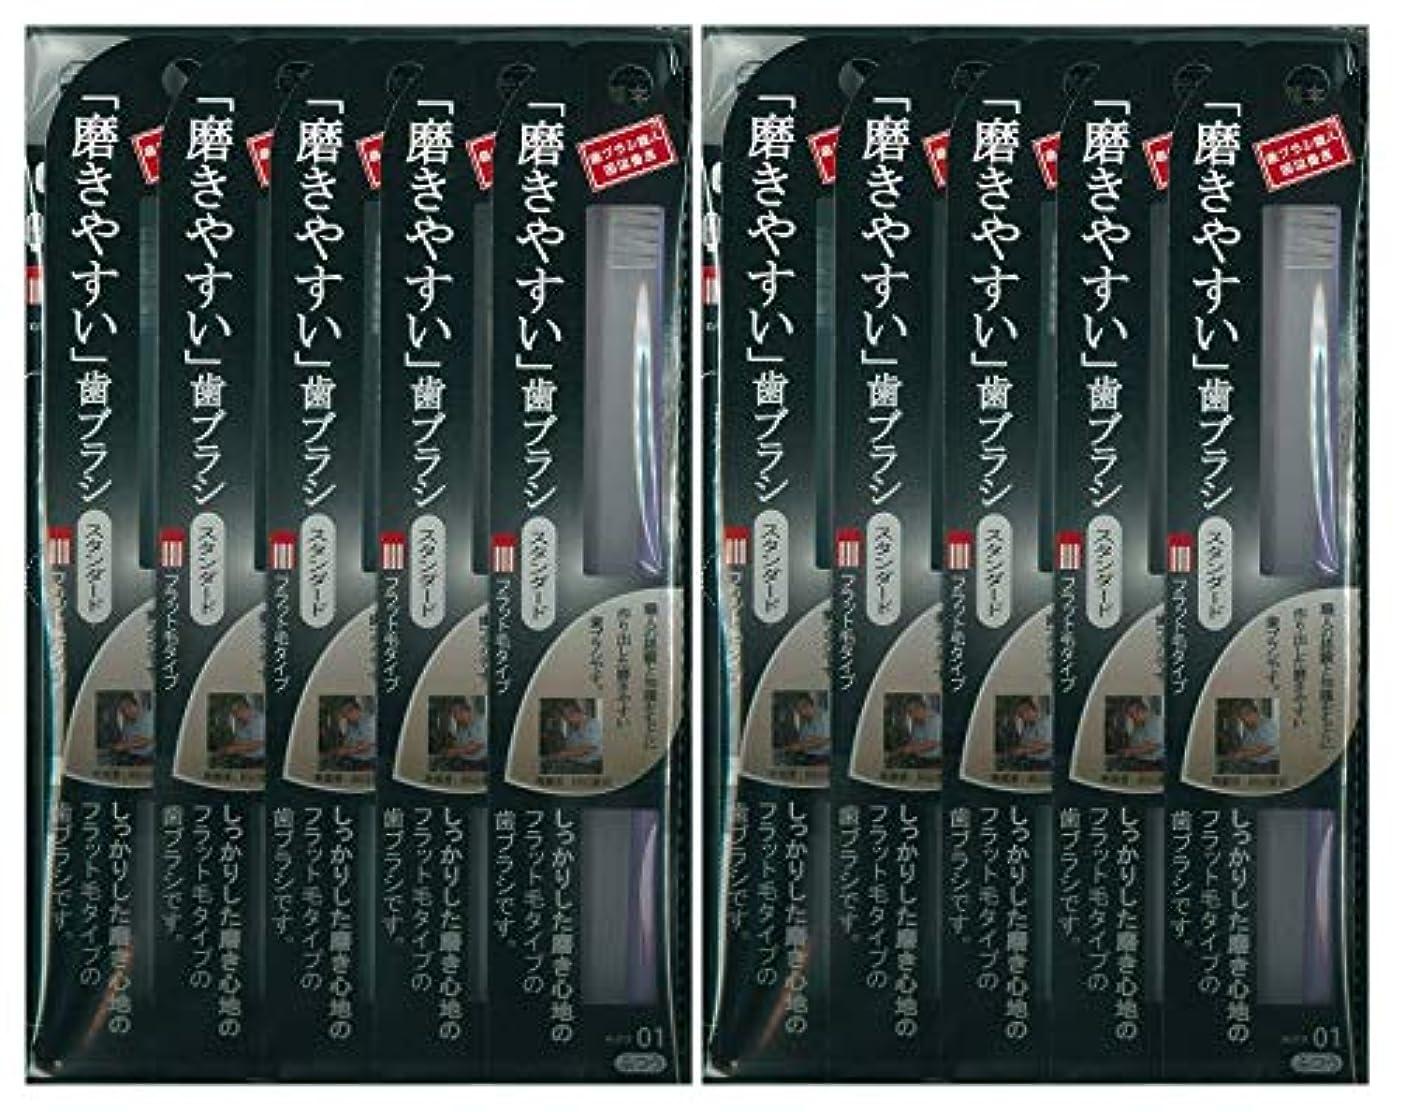 伝導固める憂慮すべき歯ブラシ職人 田辺重吉考案 磨きやすい歯ブラシ ふつう (フラット) LT-01 1本入×24本セット